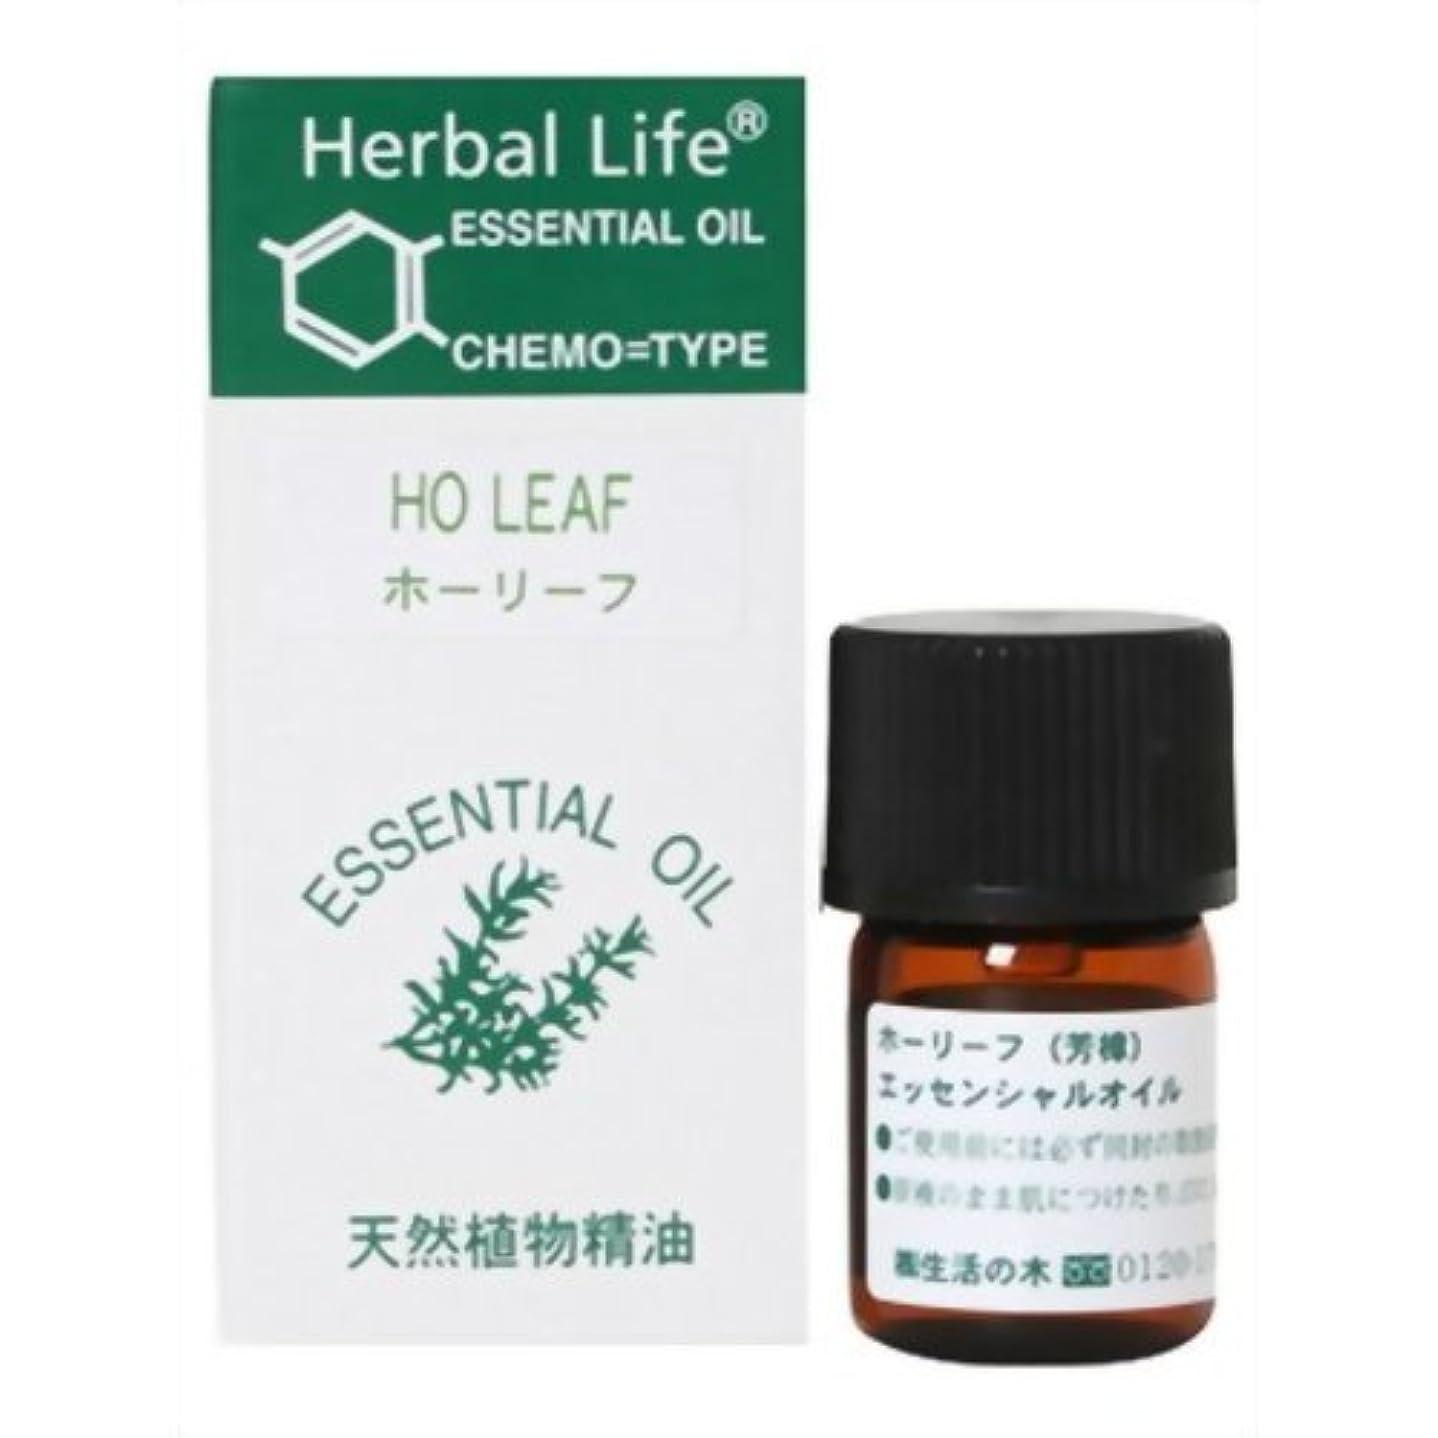 人口狐破裂生活の木 Herbal Life ホーリーフ 3ml